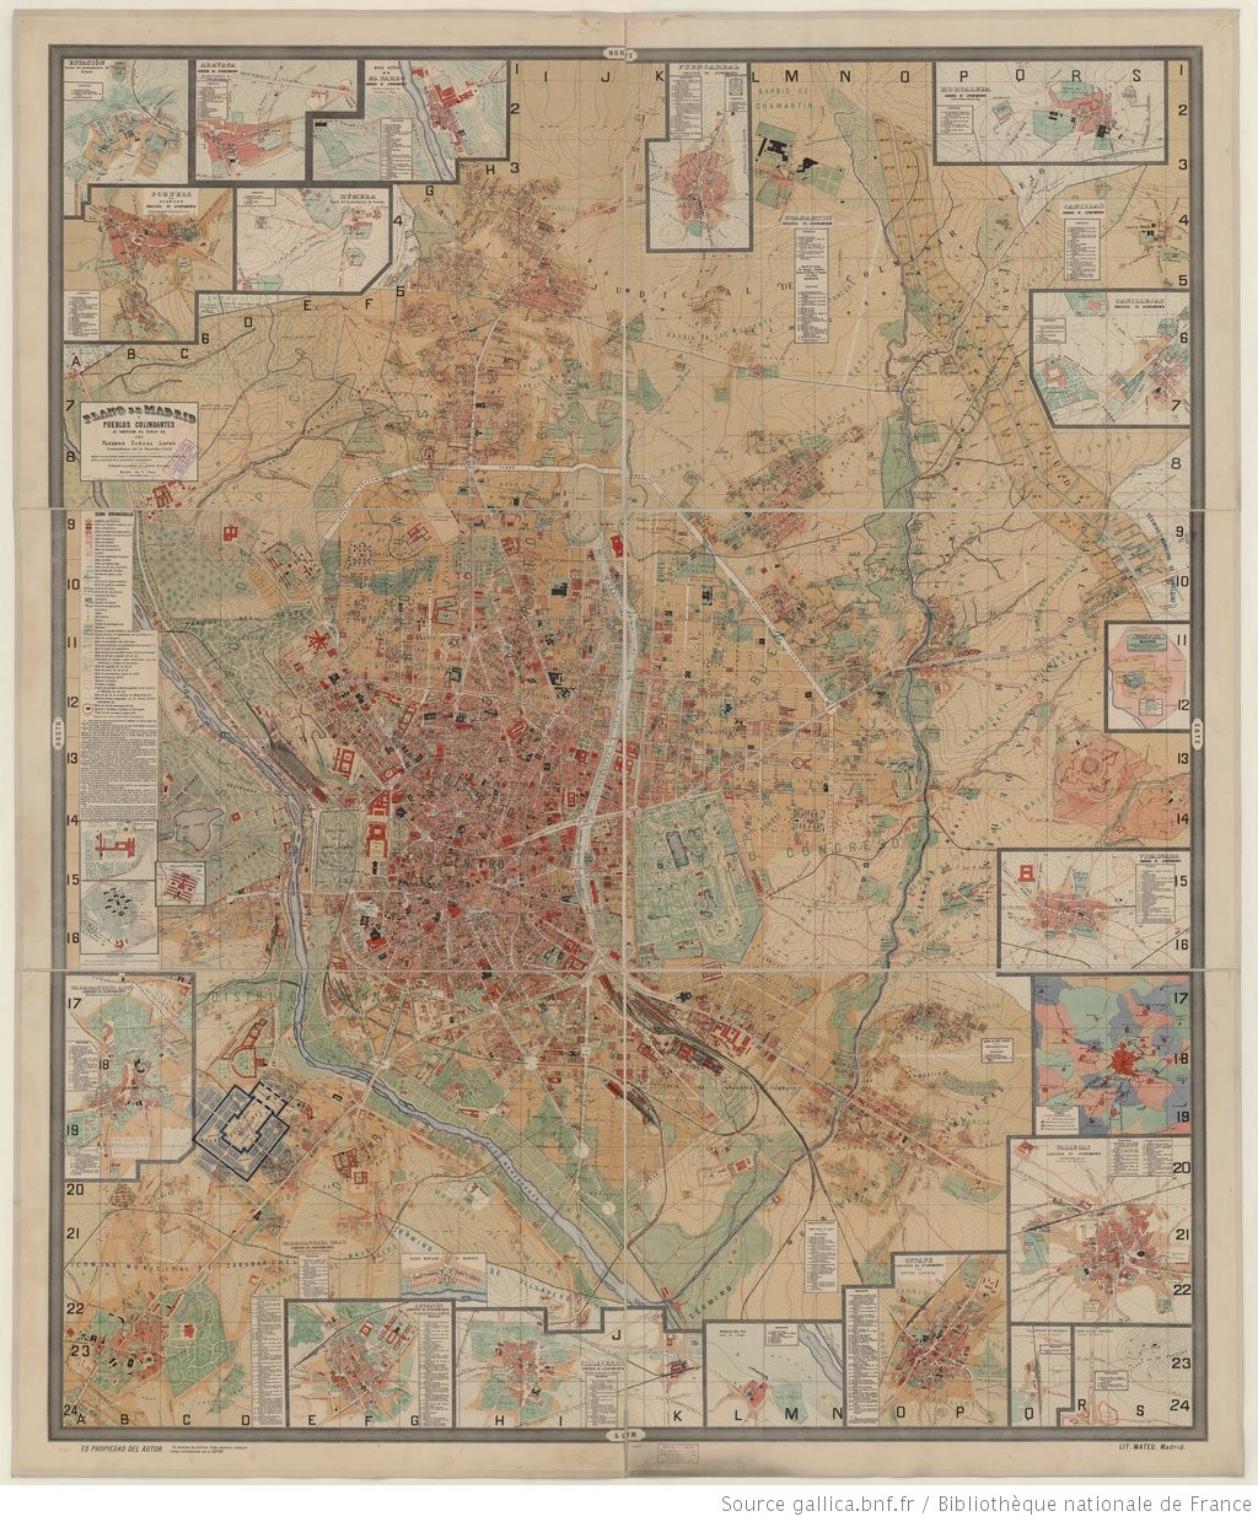 Plano de Madrid_Canada Lopez 1902_BNF